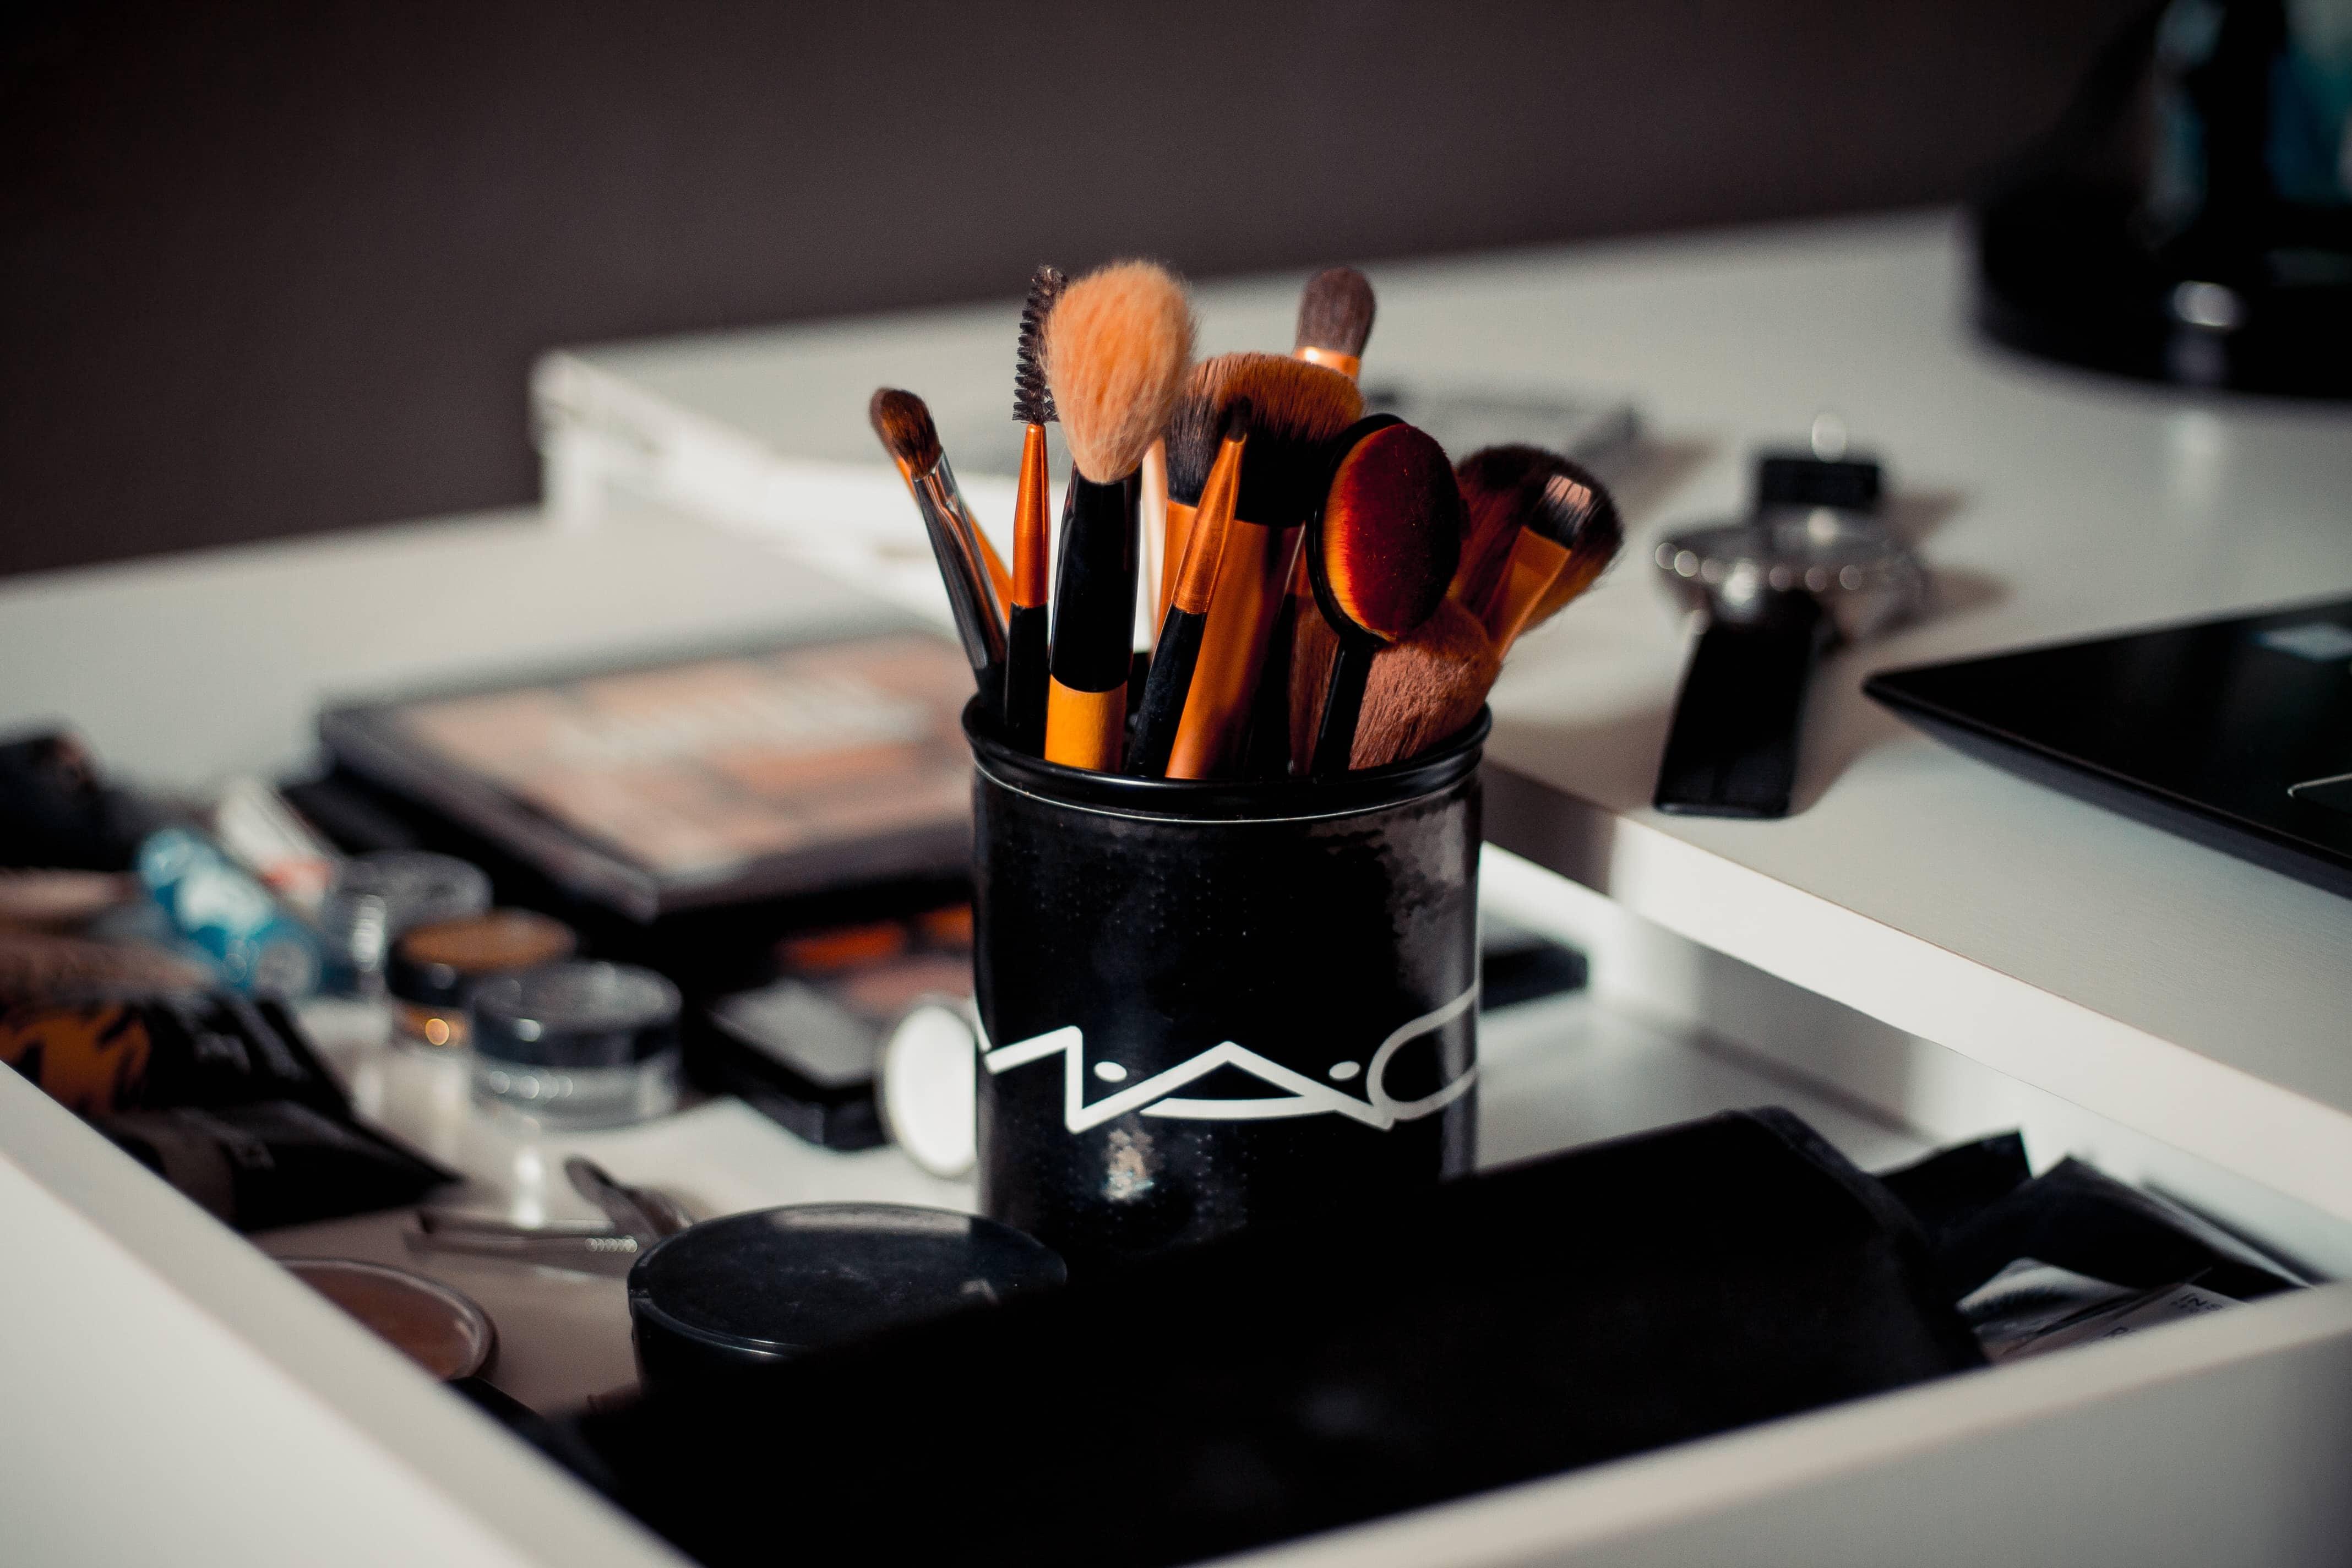 Maquiagens e acessórios.